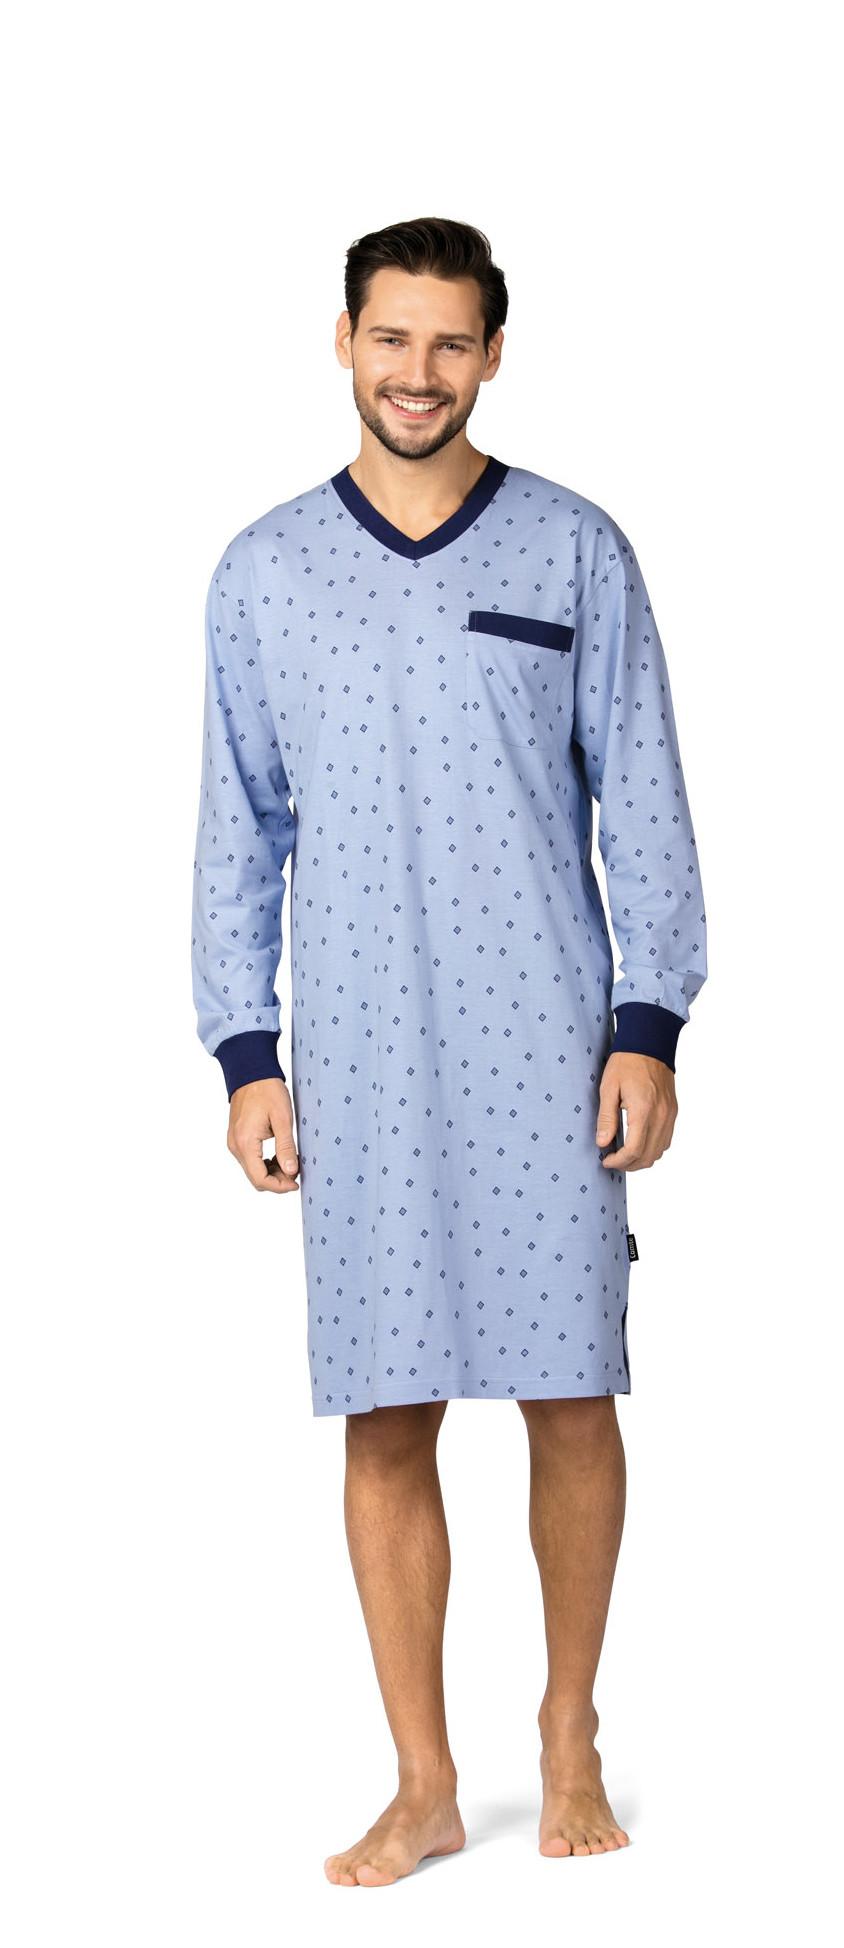 Comte 182702 Herren Nachthemd langer Arm 100% Baumwolle Blau Gr. 48 S